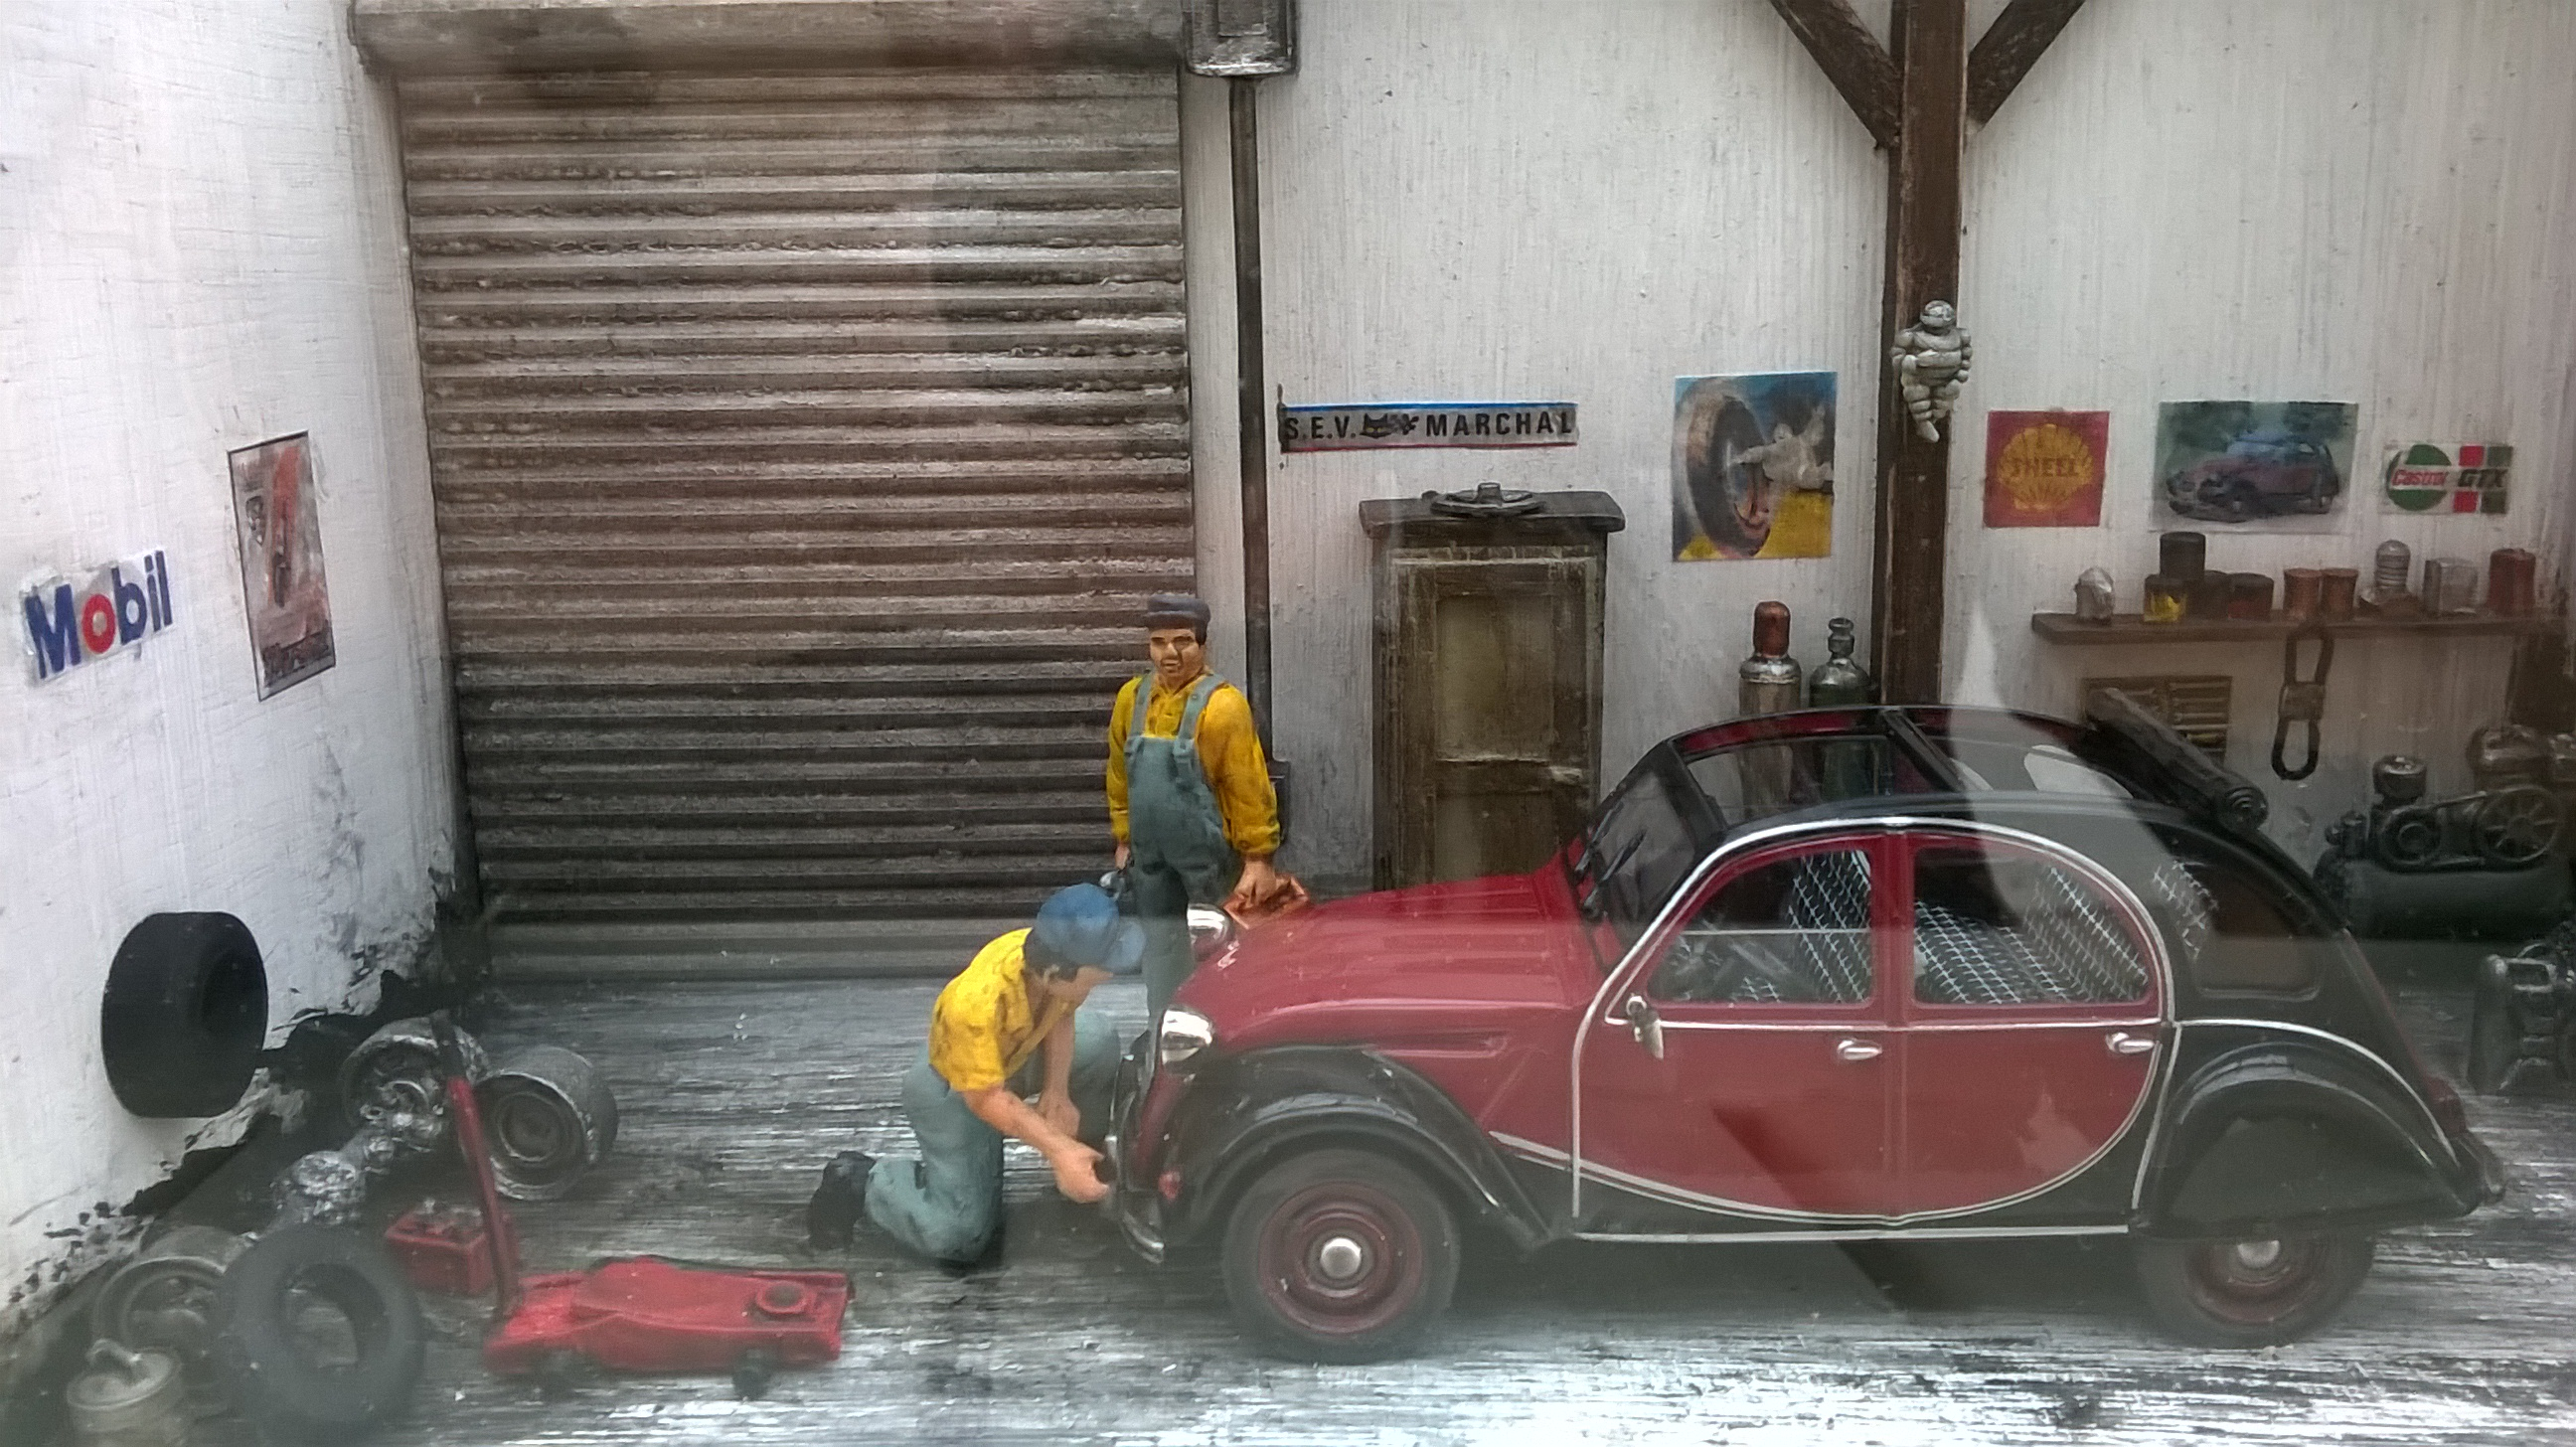 Forum du citro n dyane club de france dyane 6 beige for Garage claude jean avignon